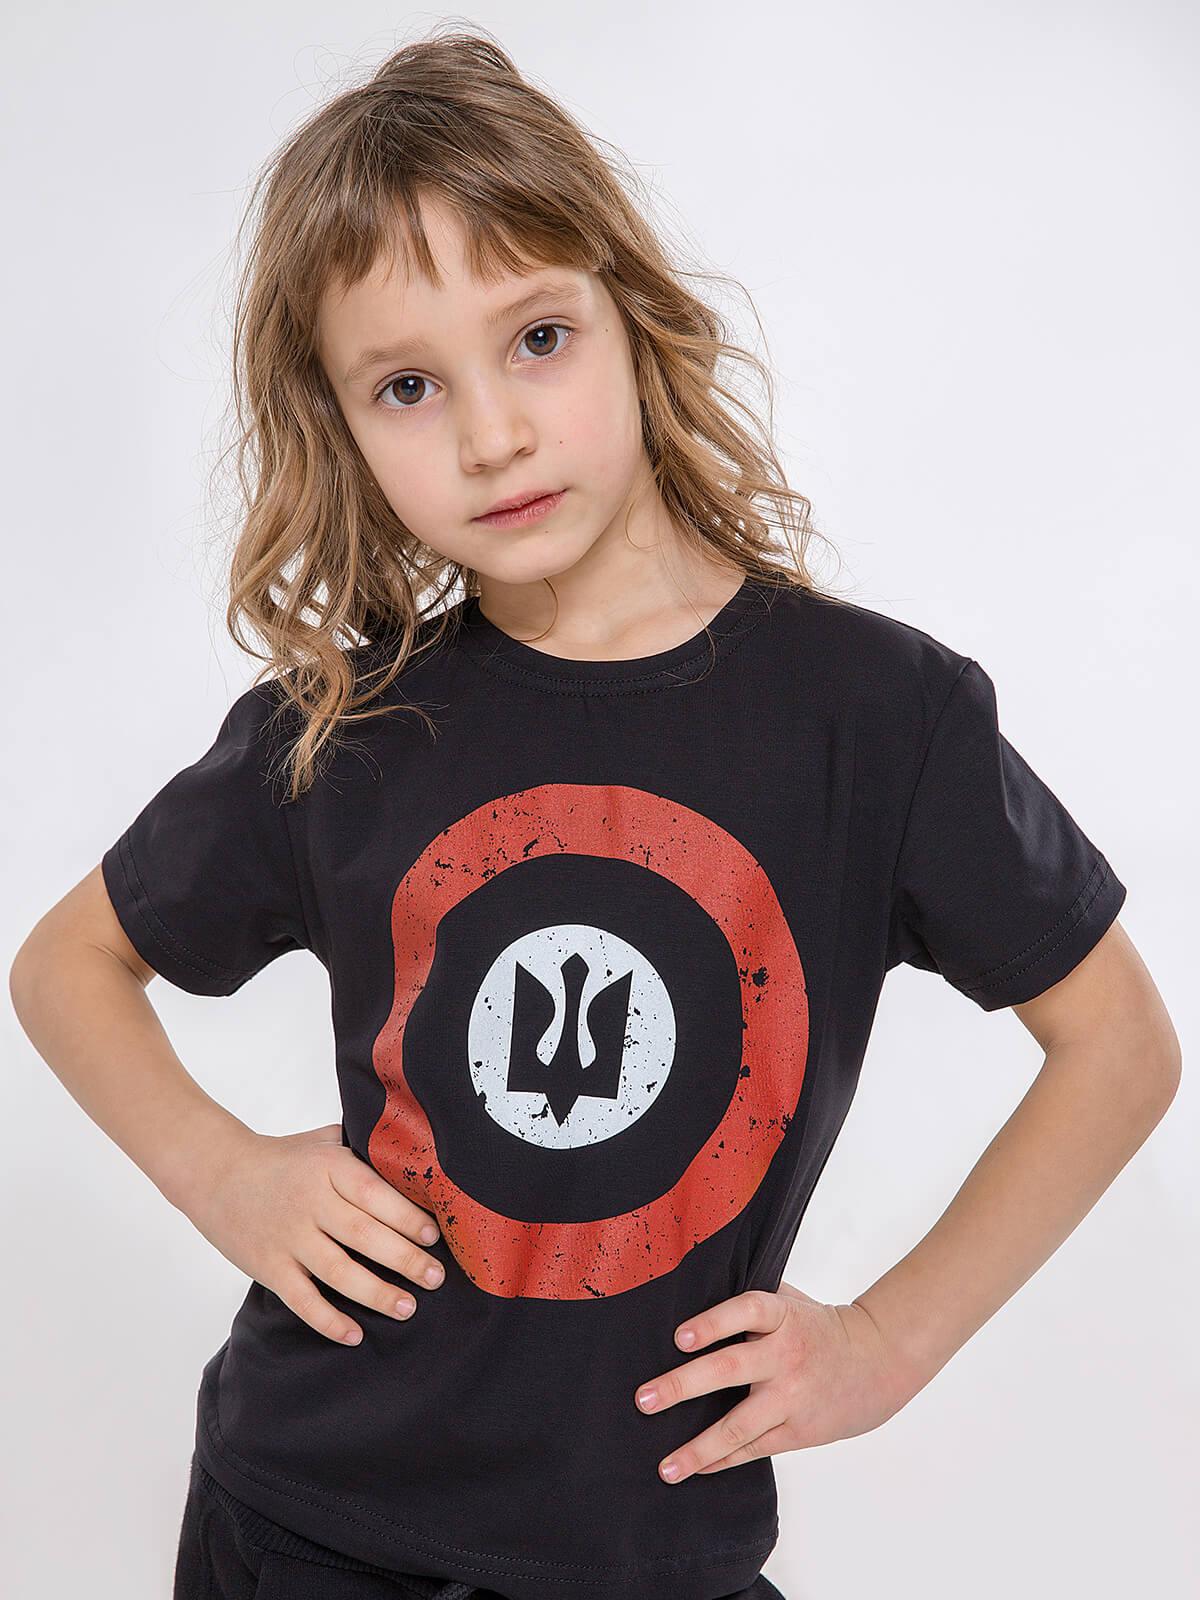 Дитяча Футболка Рондель. Колір чорний.   Технологія нанесення зображень: шовкодрук.